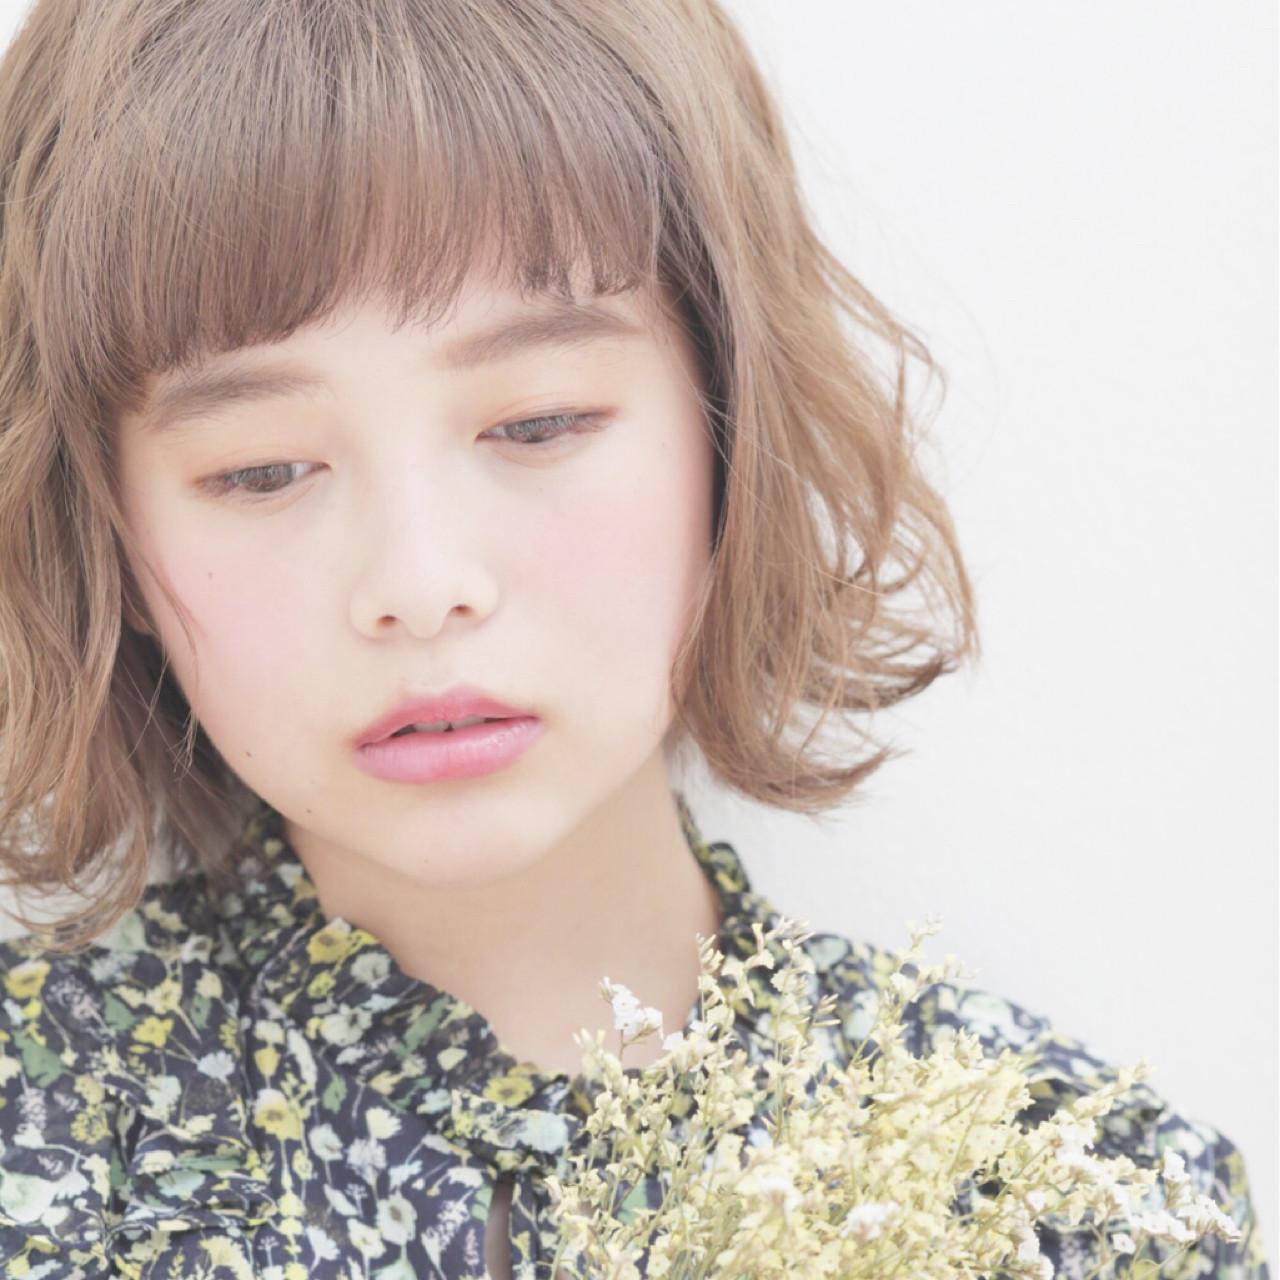 ぱっつん前髪でピュアな表情に変身 竹村 春香